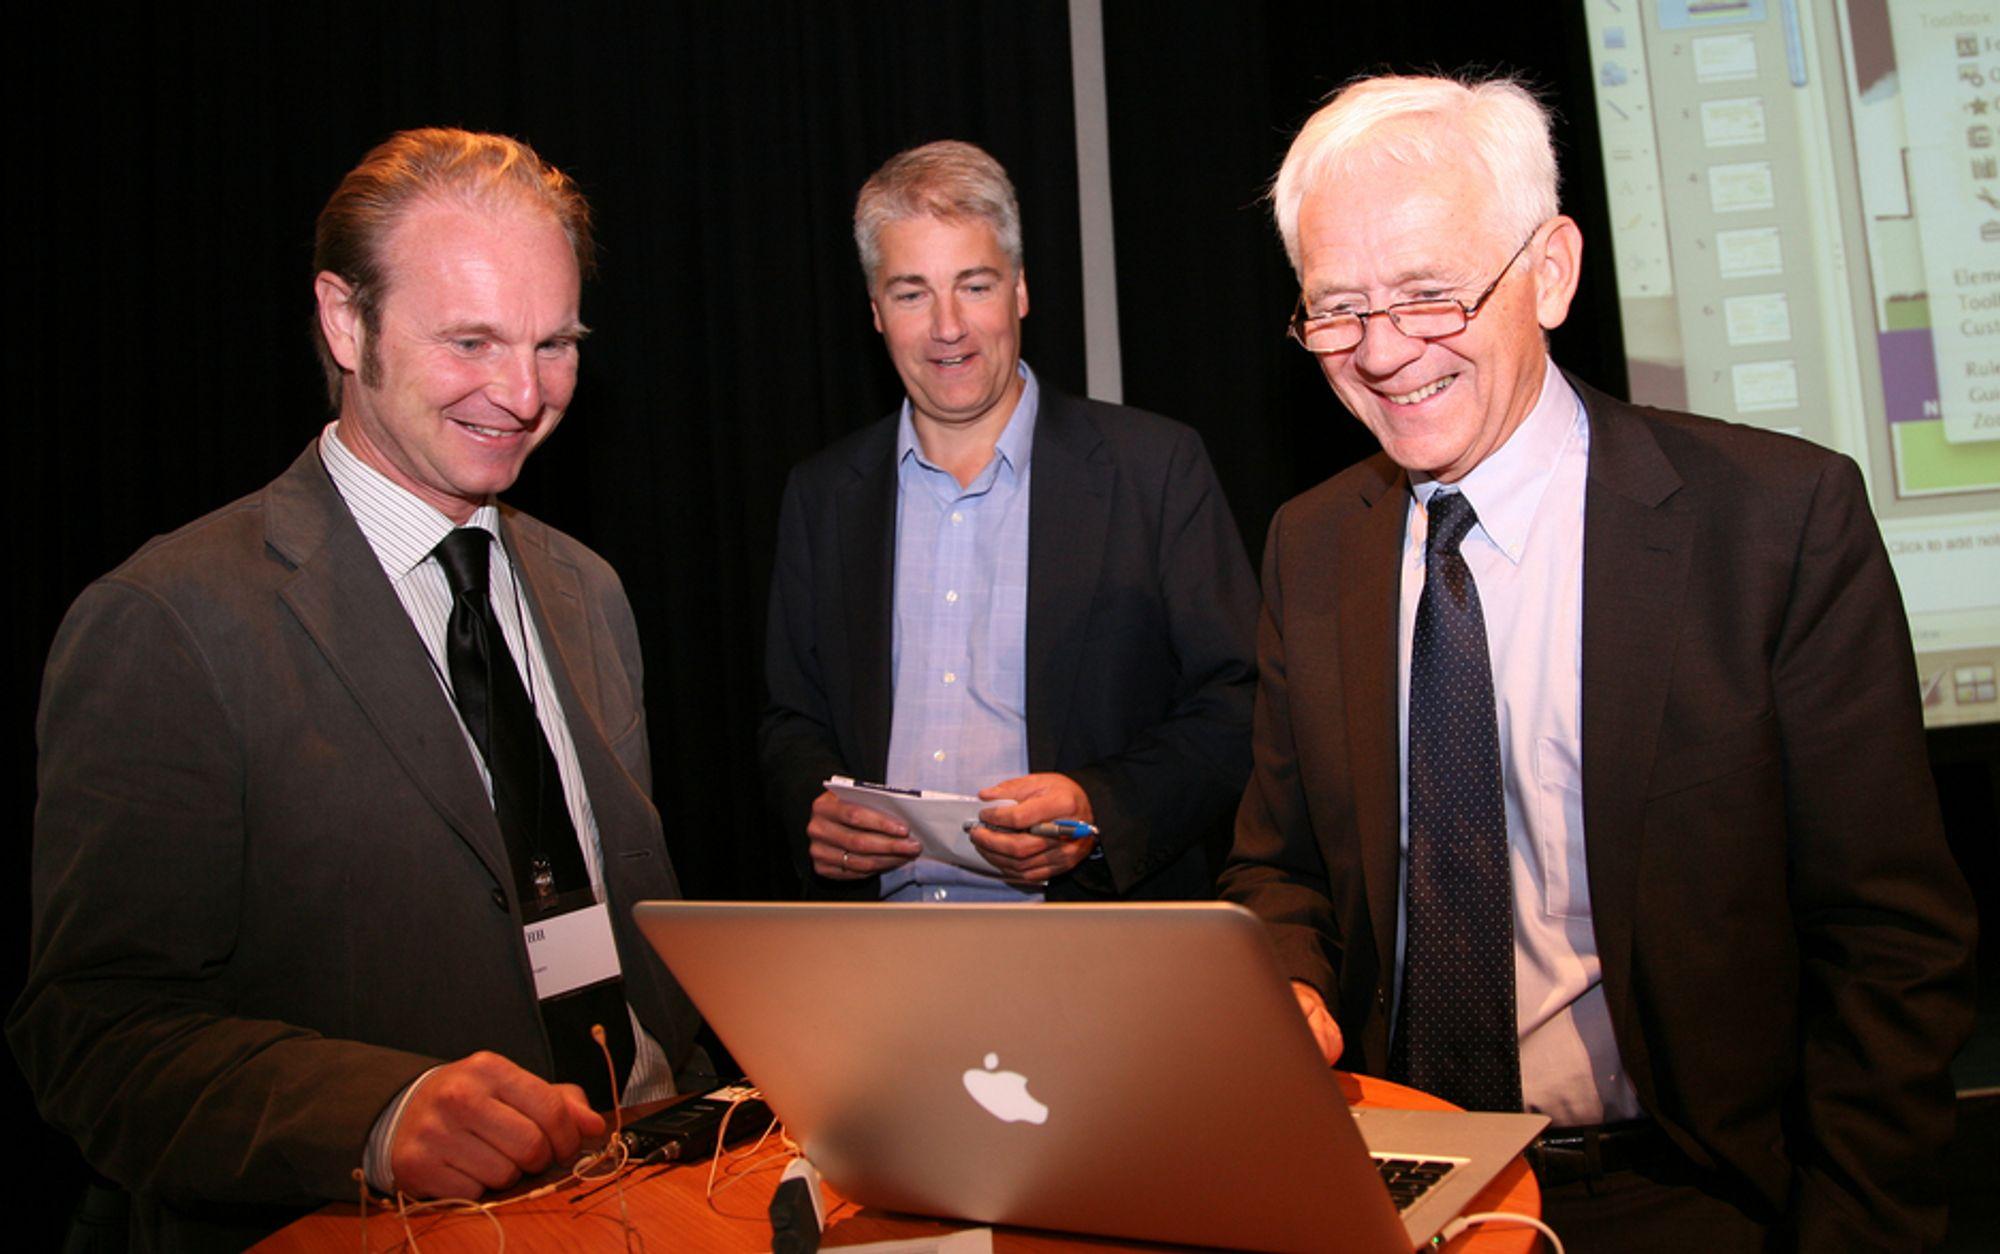 NYTT: NHH-professor Kjetil Bjorvatn (til venstre) og DnBNORs sjeføkonom Øystein Dørum presenterte tall for Kinas påvirkning. Konferansier var NHH-professor og tidligere statsråd Victor Normann (til høyre).